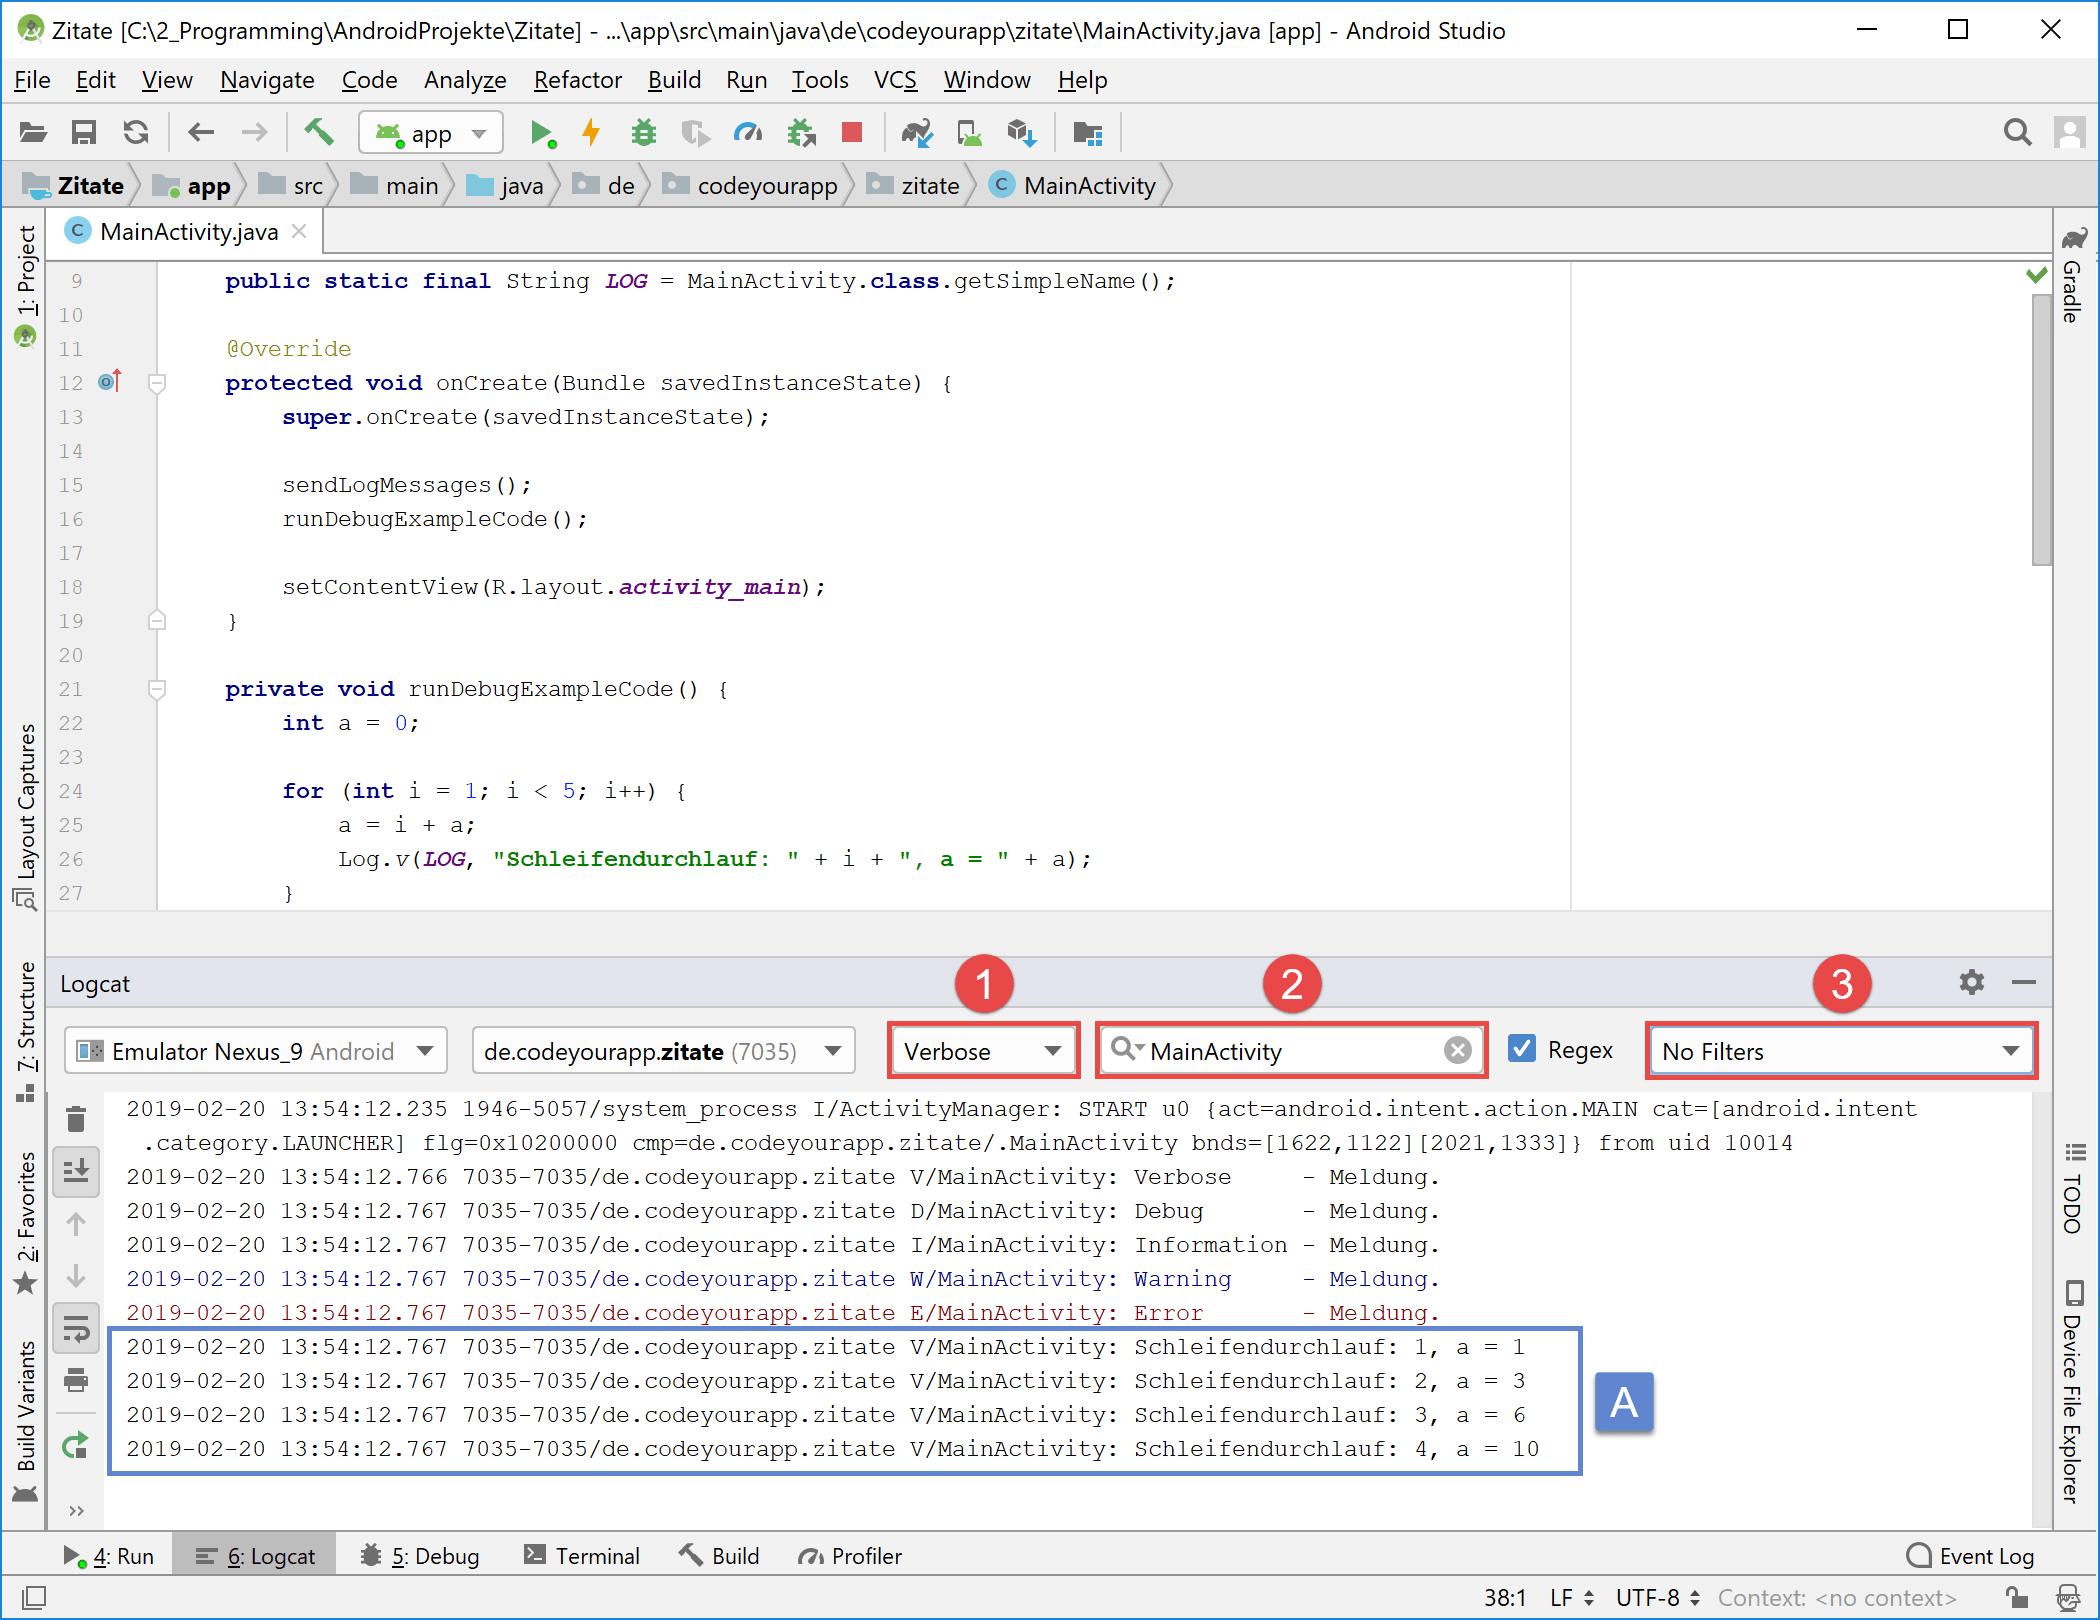 debugging_log_meldungen